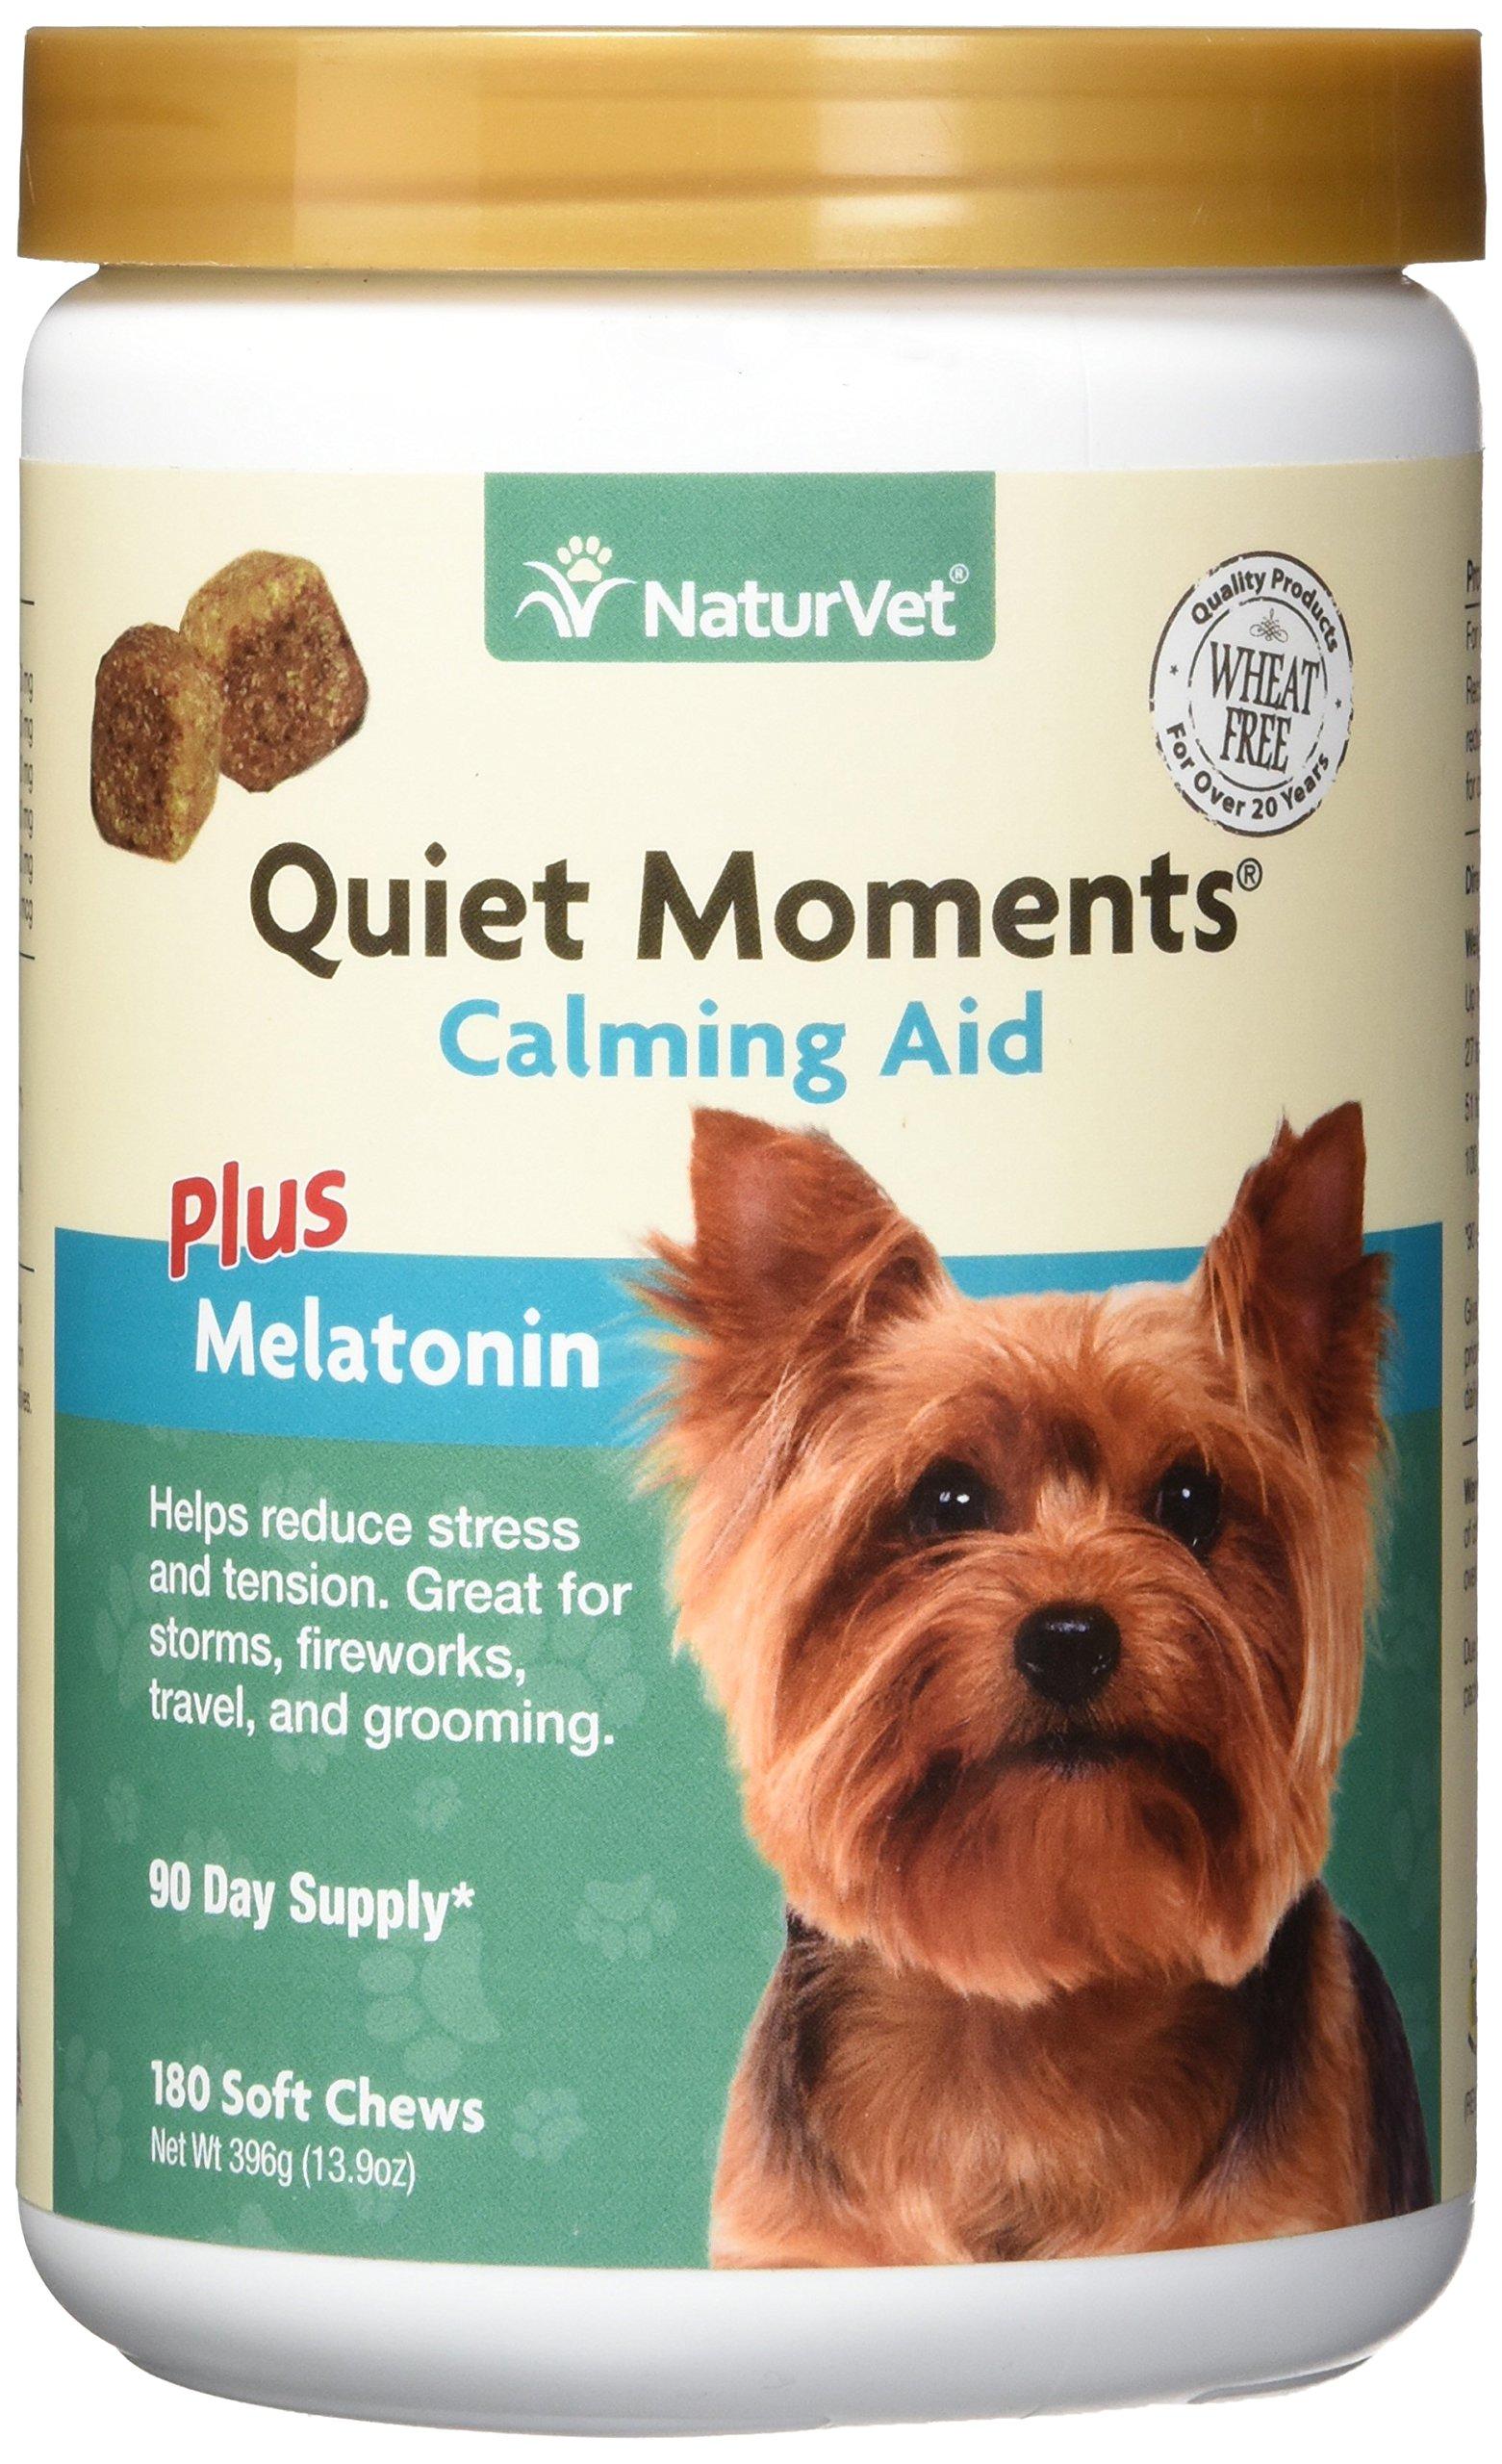 NaturVet Quiet Moments Calming Aid Plus Melatonin 180 Soft Chews 13.9OZ by NaturVet